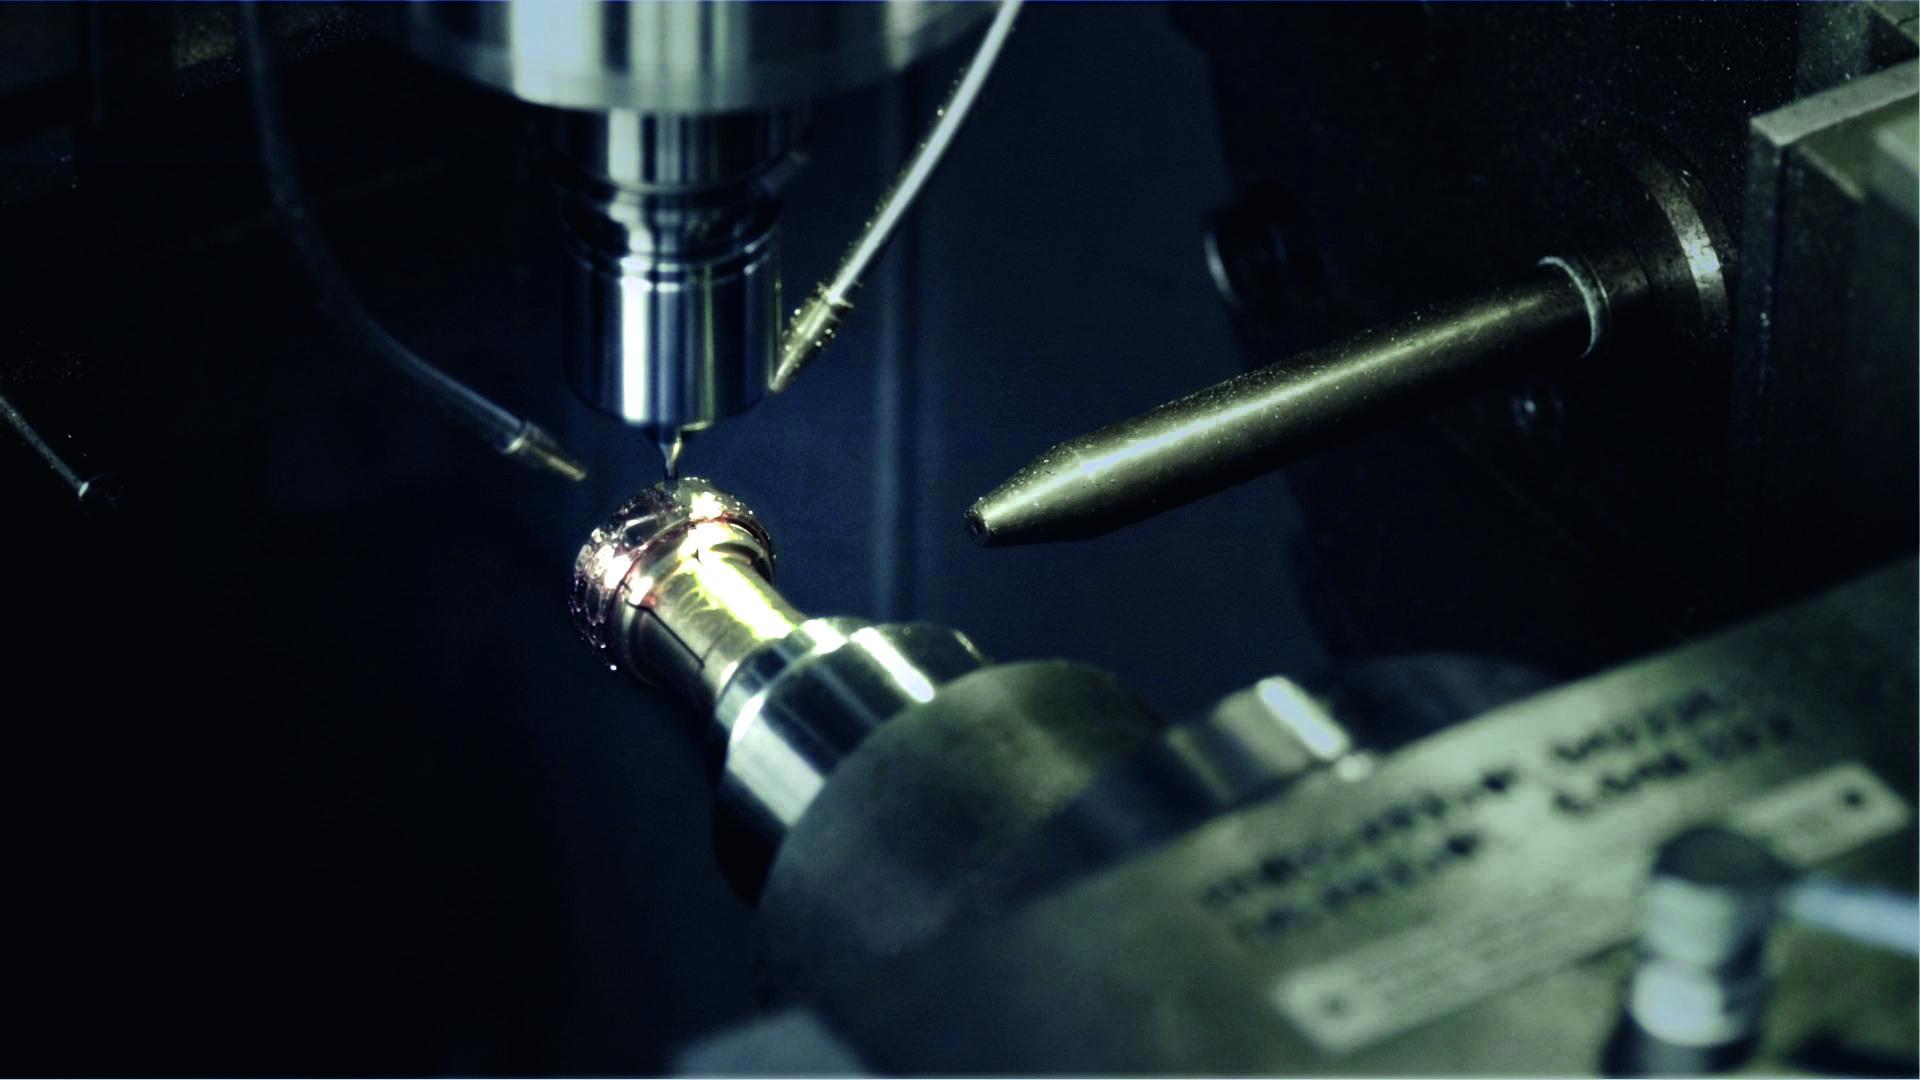 マイスター結婚指輪鍛造製法